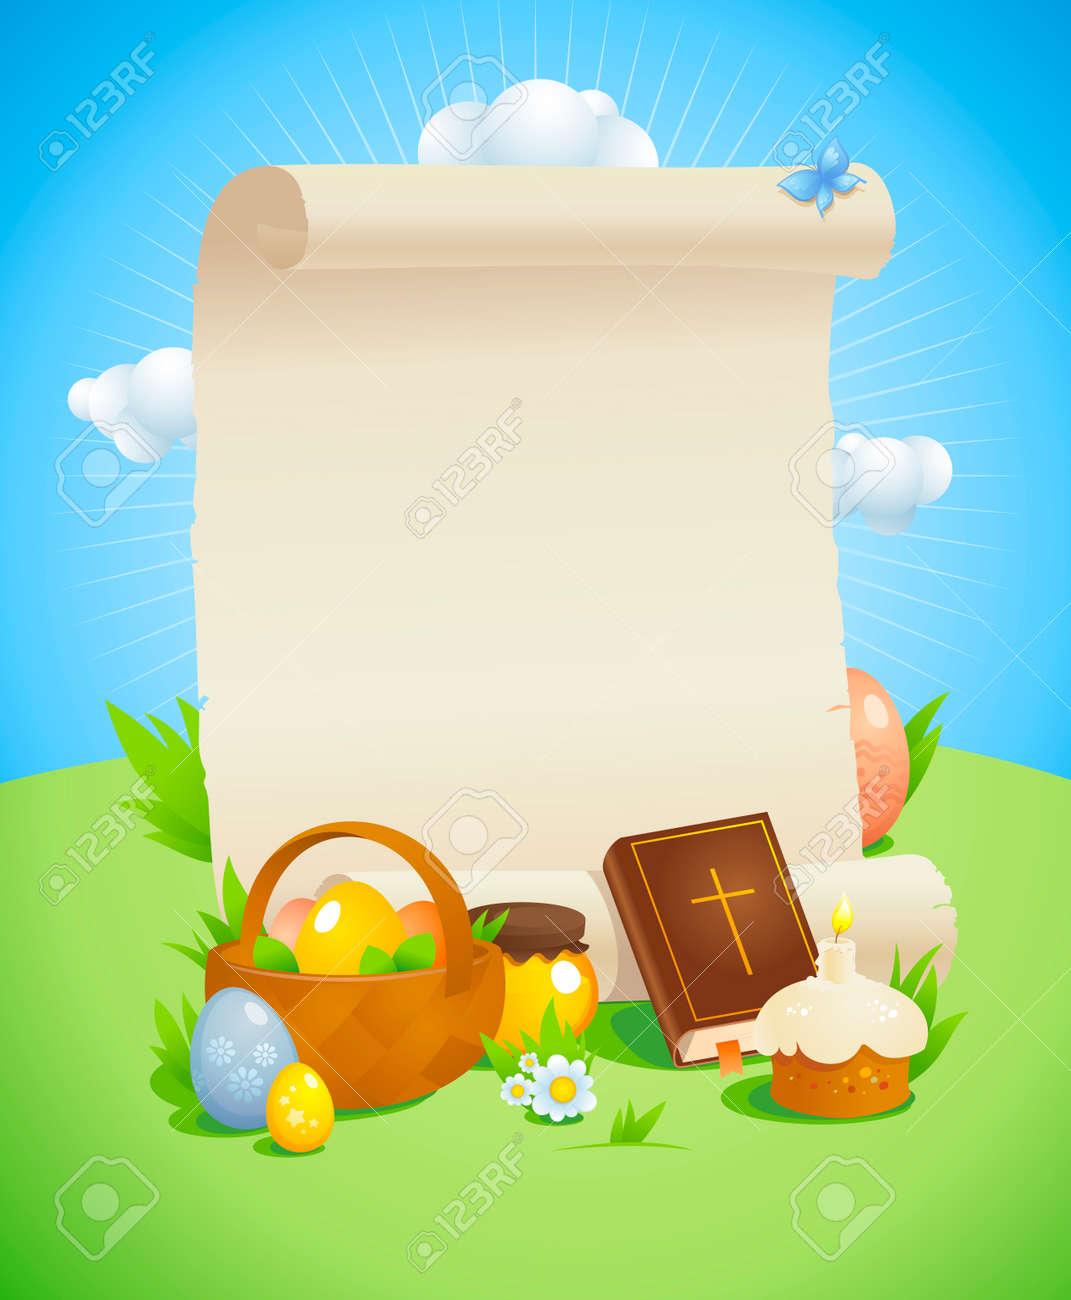 Diseño De Pascua Con El Rollo De Papel Vacía Contra El Paisaje De ...